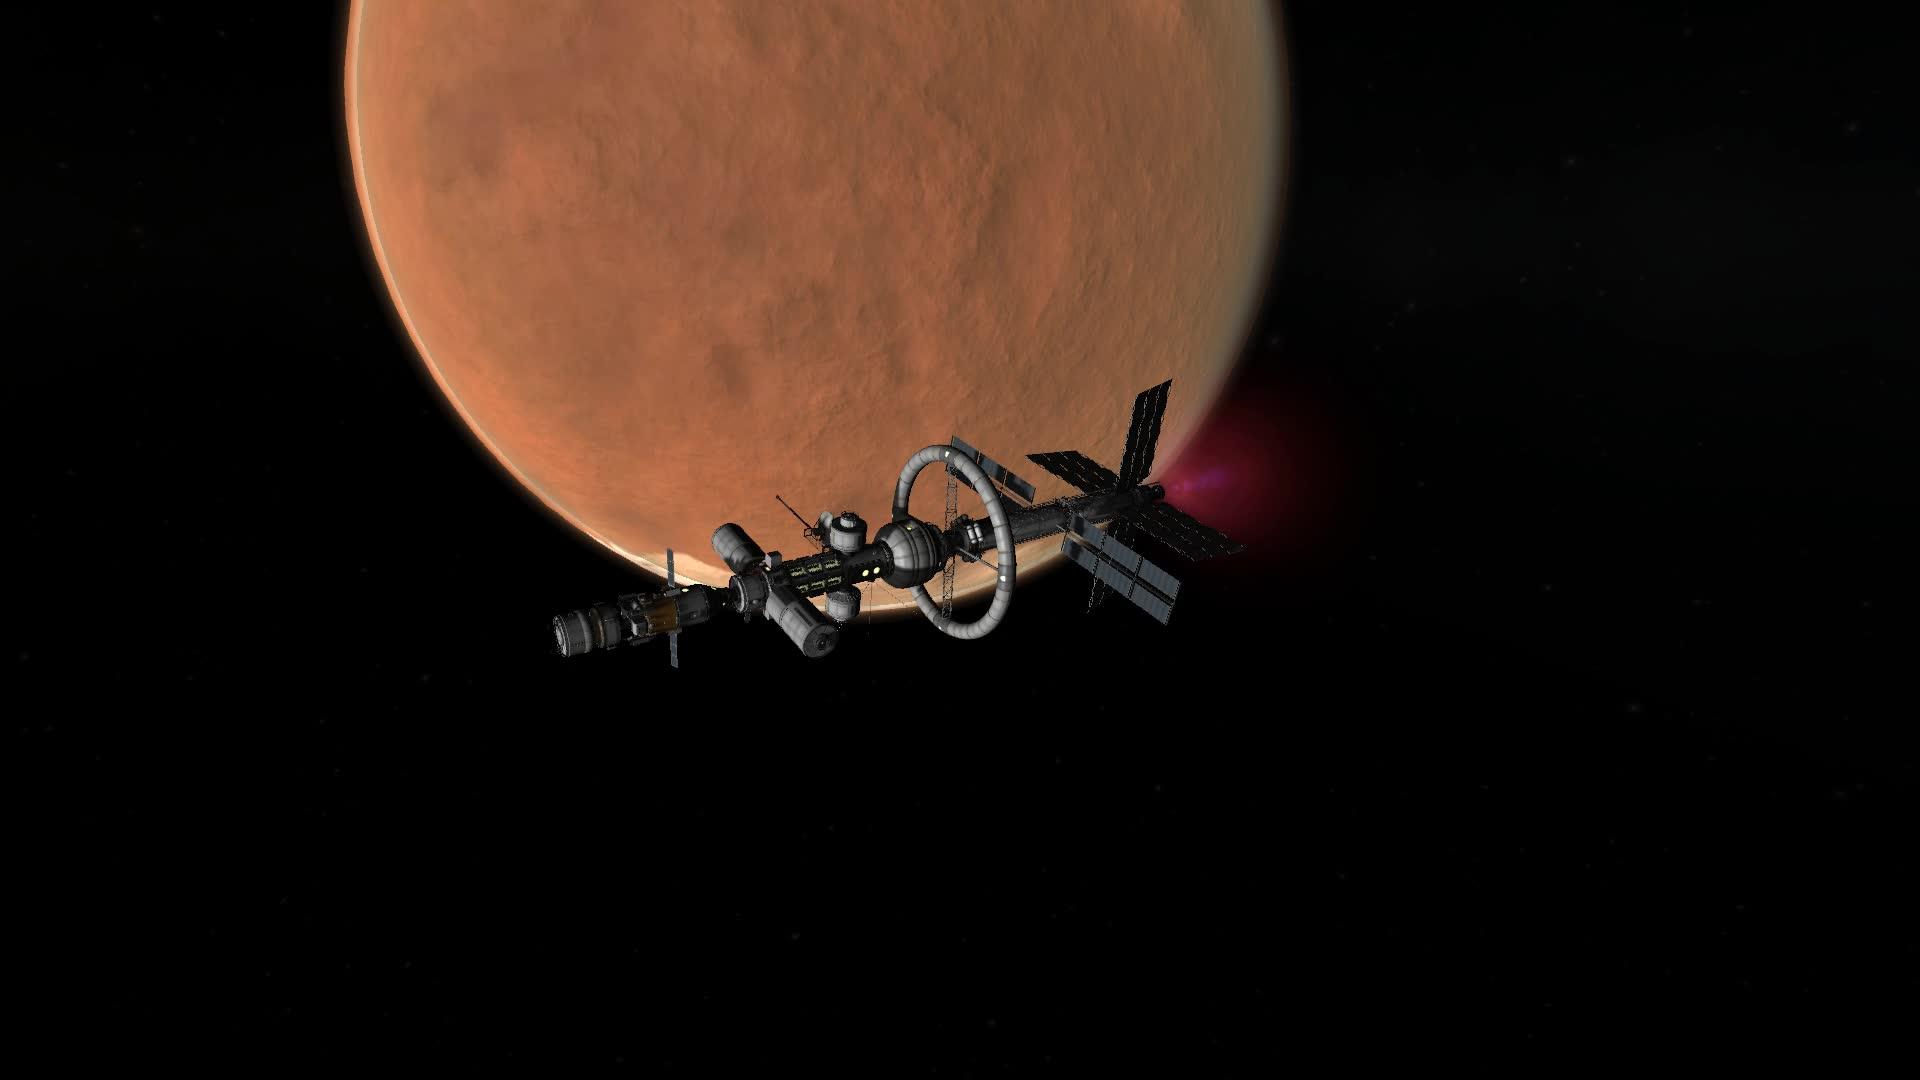 kerbalspaceprogram, Kerbal Space Program 2018.07.15 - 13.07.32.01 GIFs